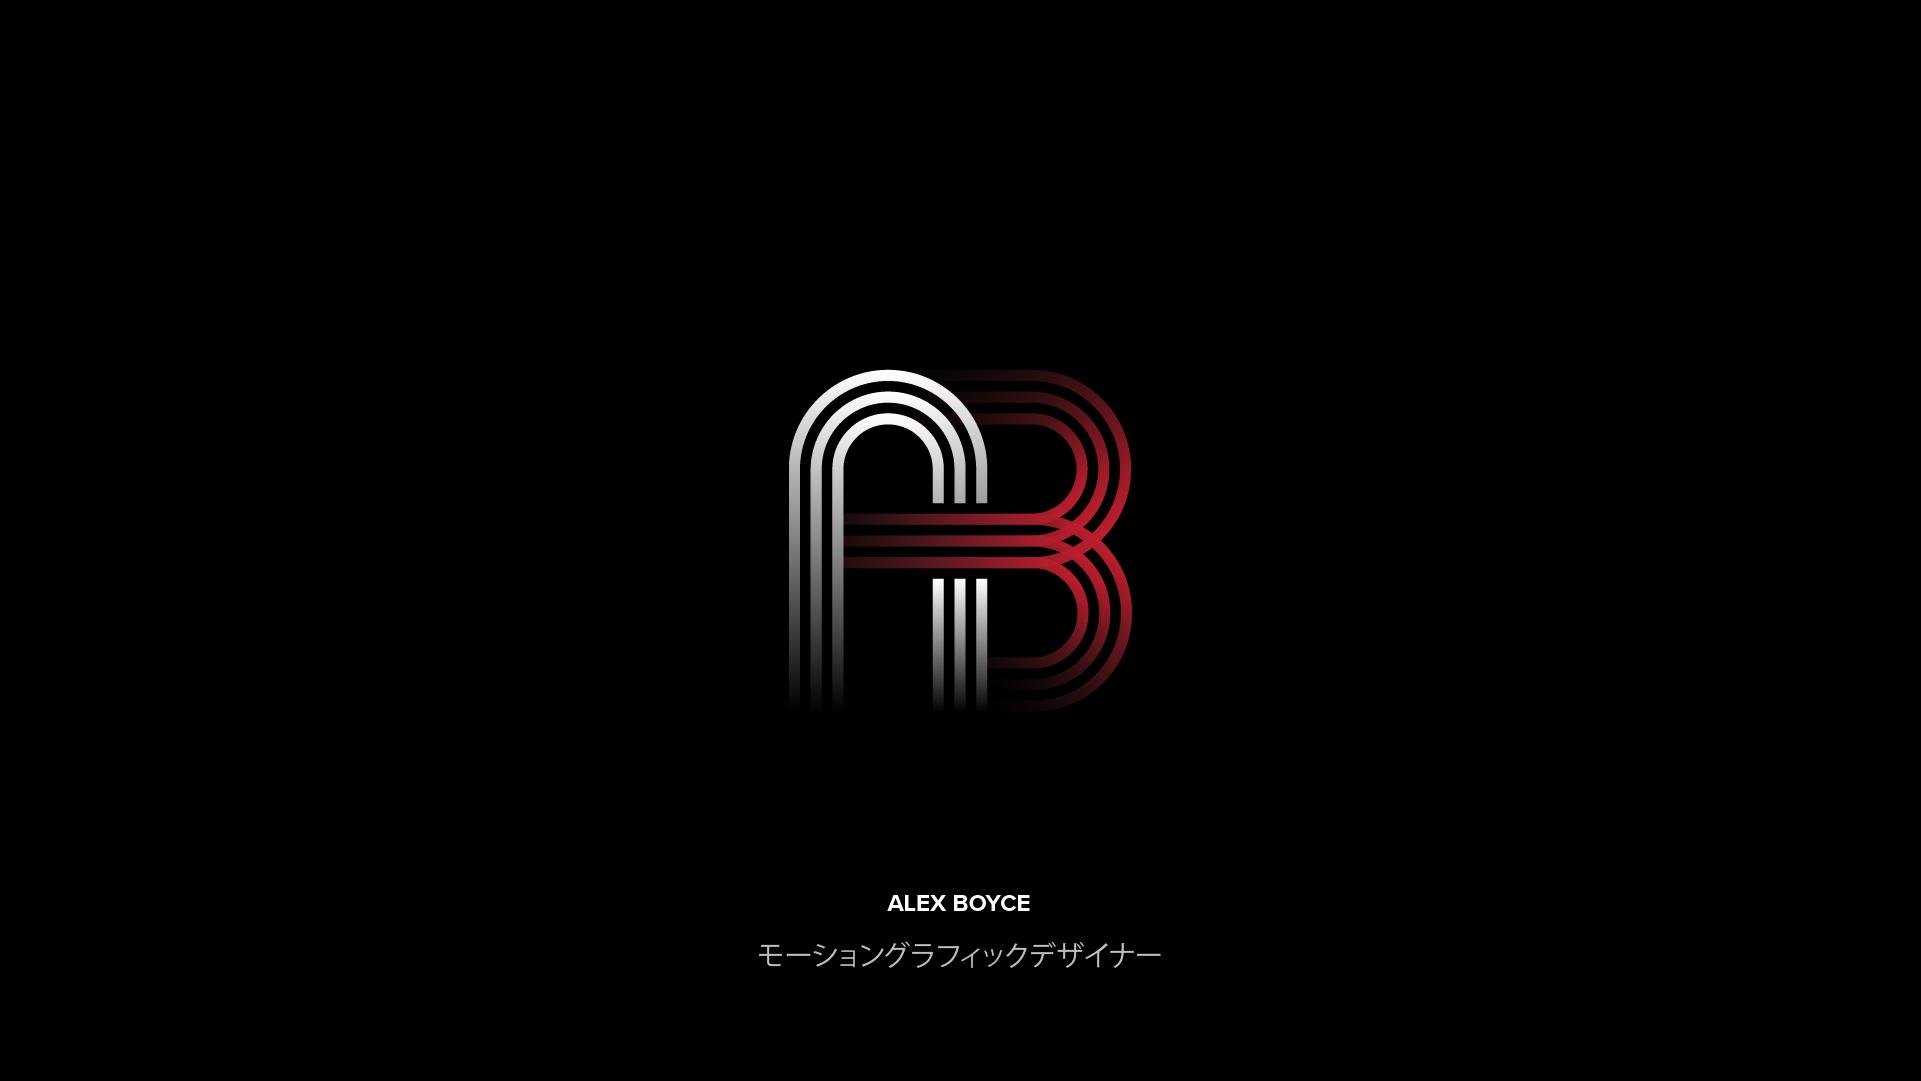 AB_Rebrand_v017-02.jpg